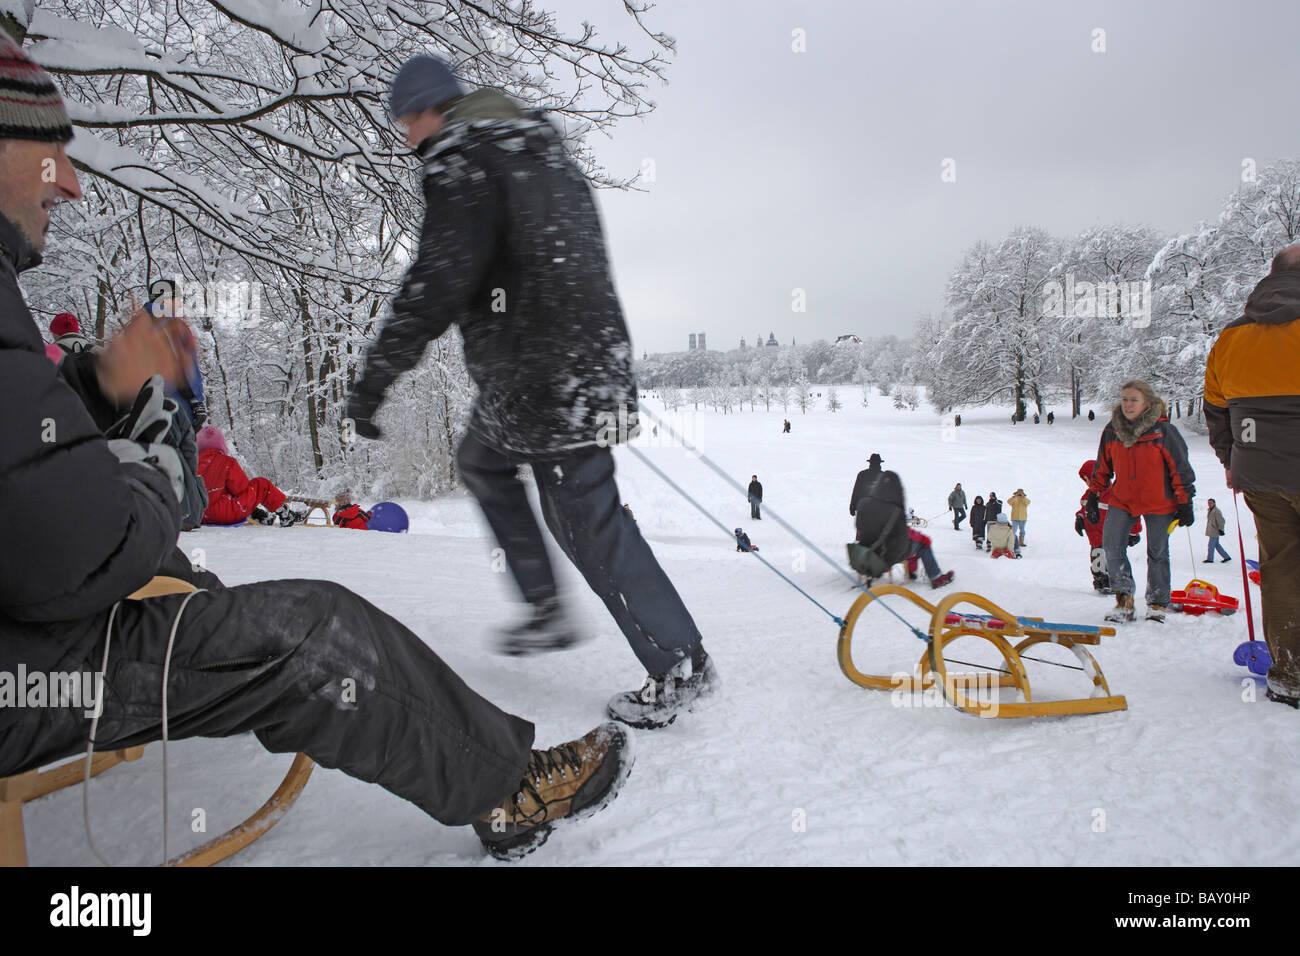 Les gens de la luge au jardin anglais, un jour d'hiver, Munich, Bavière, Allemagne Photo Stock